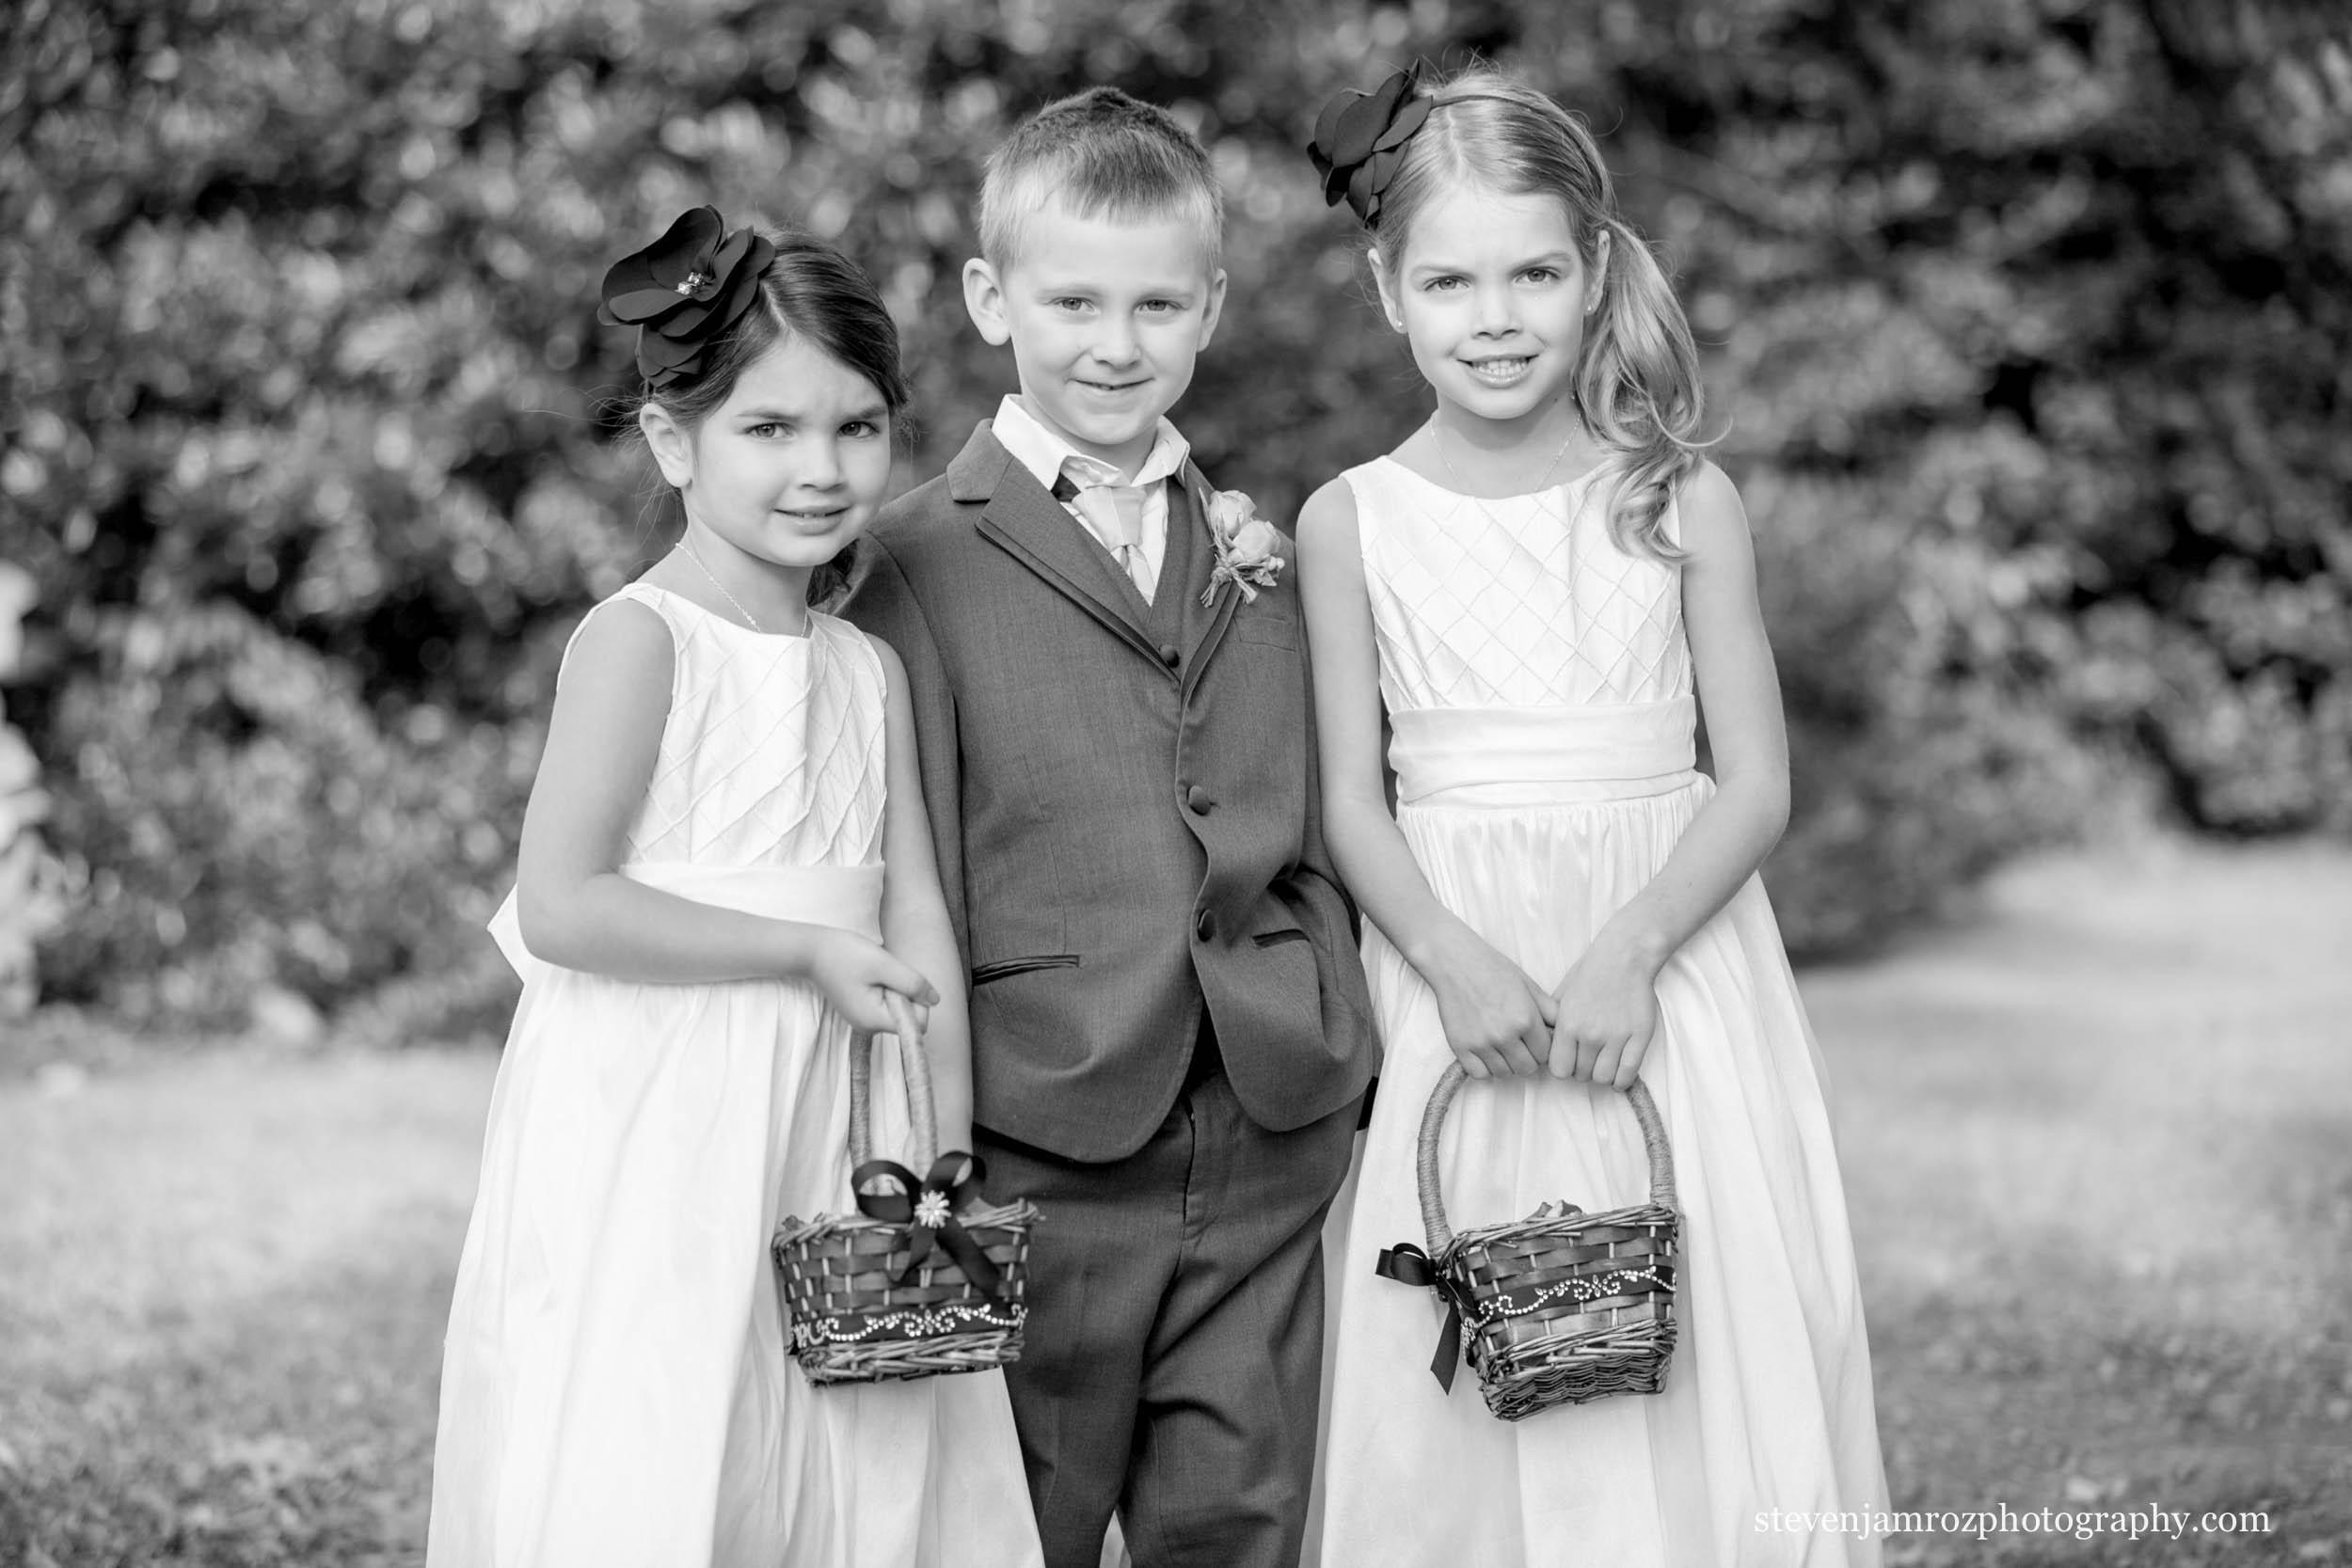 flower-girls-and ring-bearer-hudson-manor-estate-photography-0879.jpg